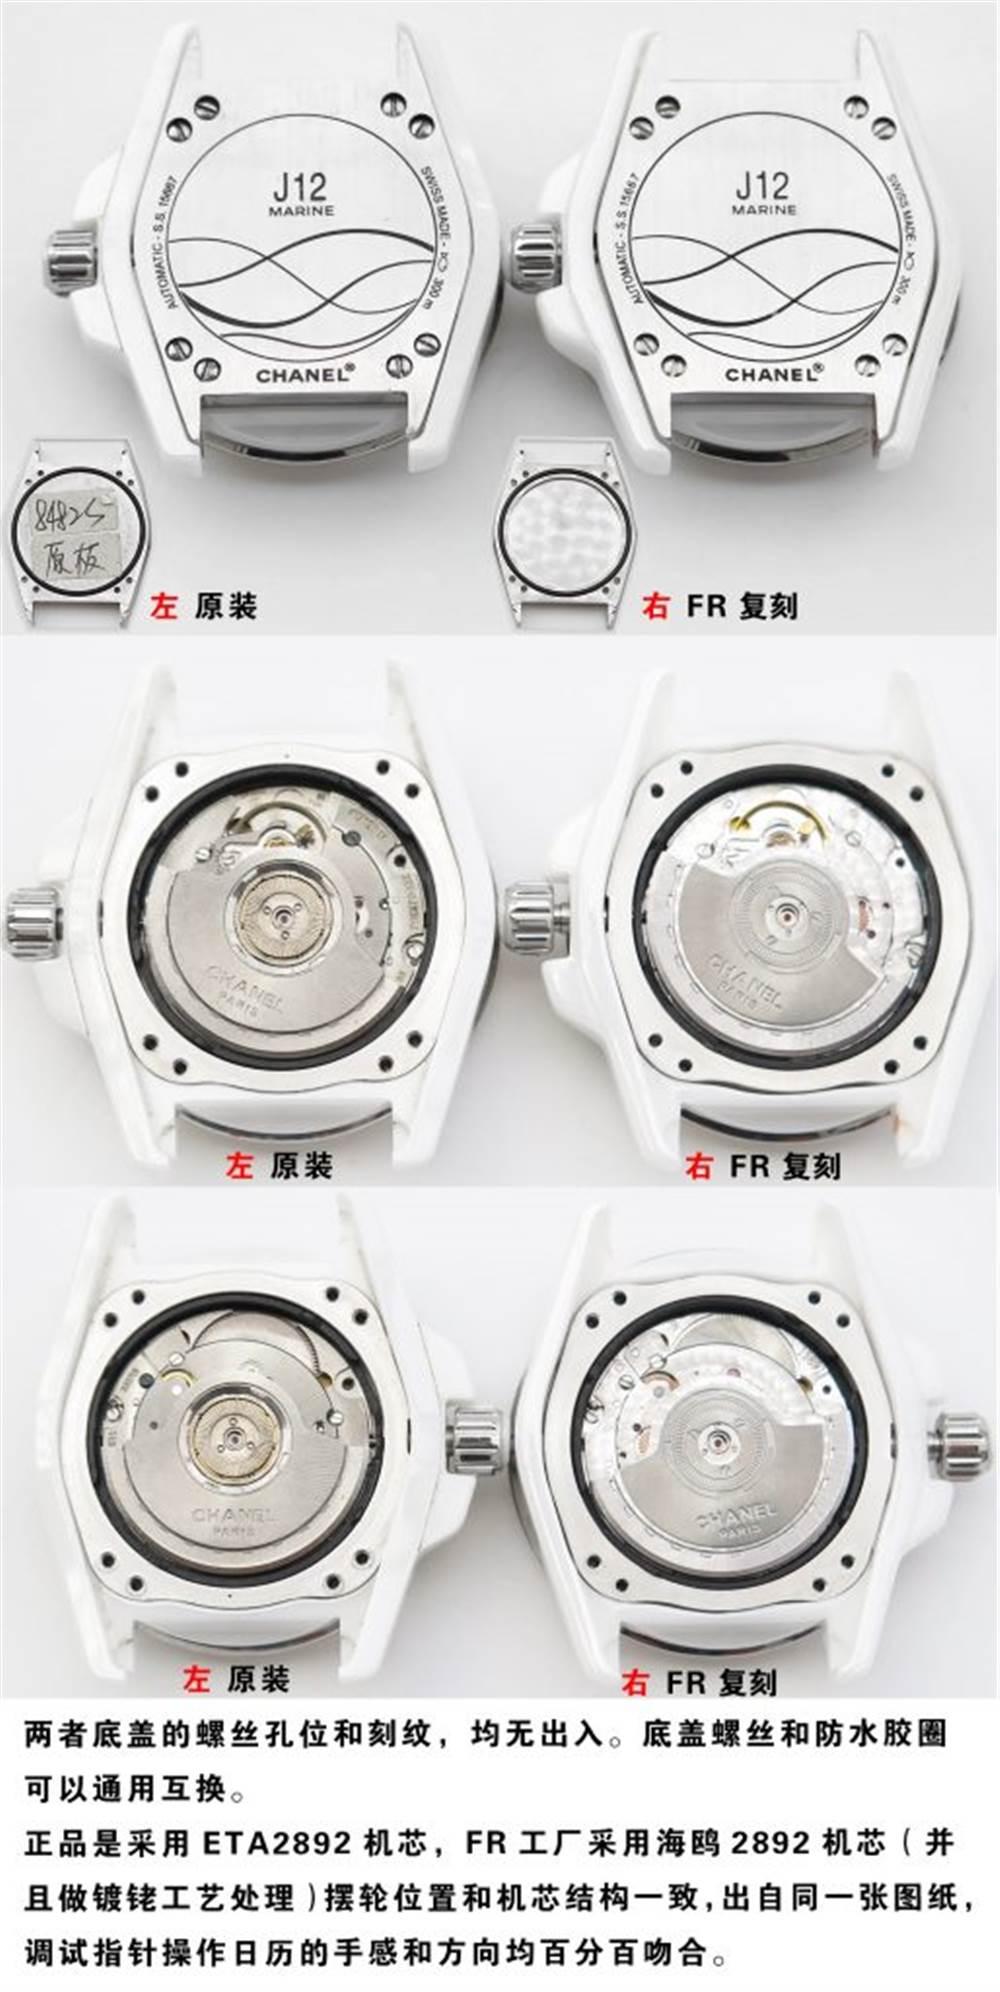 FR厂香奈儿J12系列H2560对比正品评测-CHANEL-J12-H2560 第11张